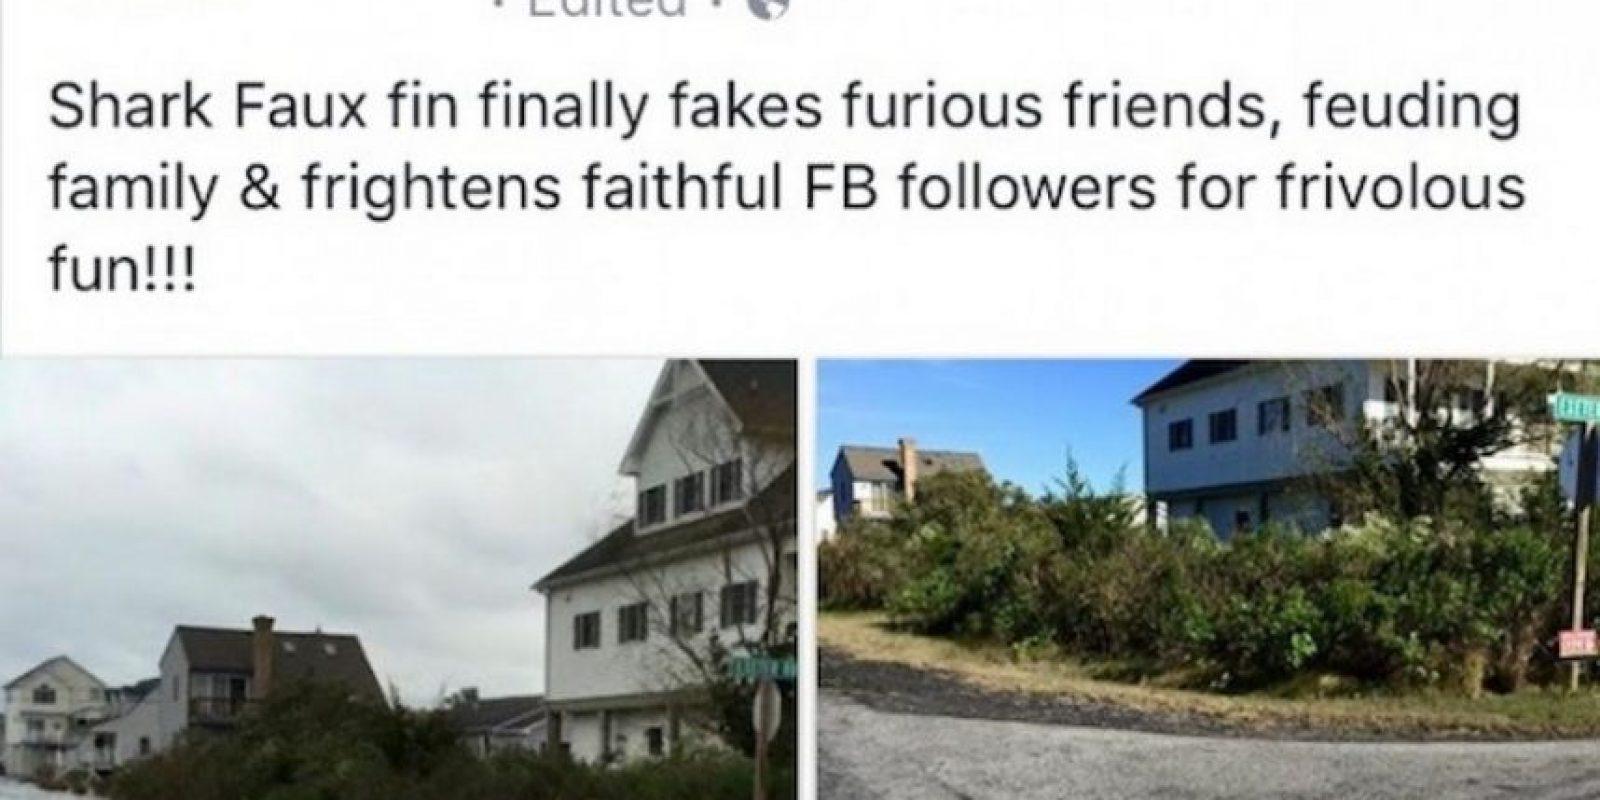 Sin embargo, sólo se trató de una broma desencadenada por el usuario de Facebook Charlotte Sampson. Foto:Vïa Facebook